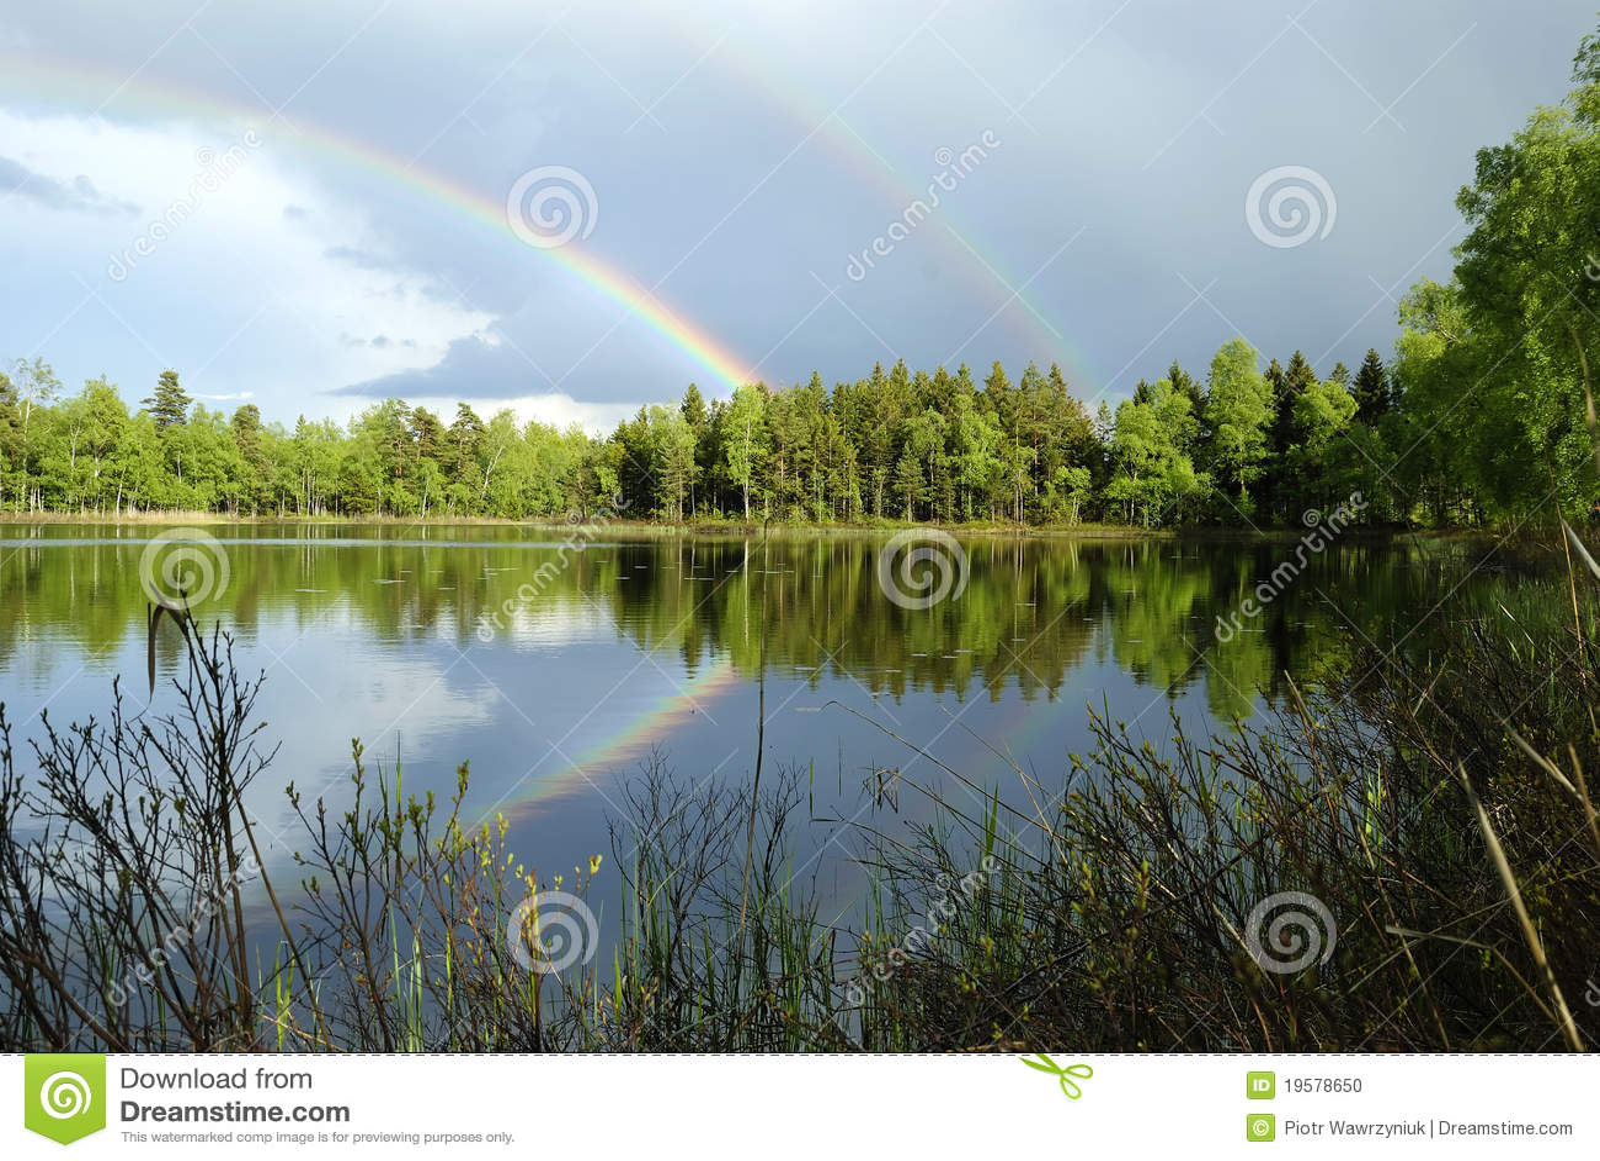 Jeziora krajobrazu deszczu szwedzi